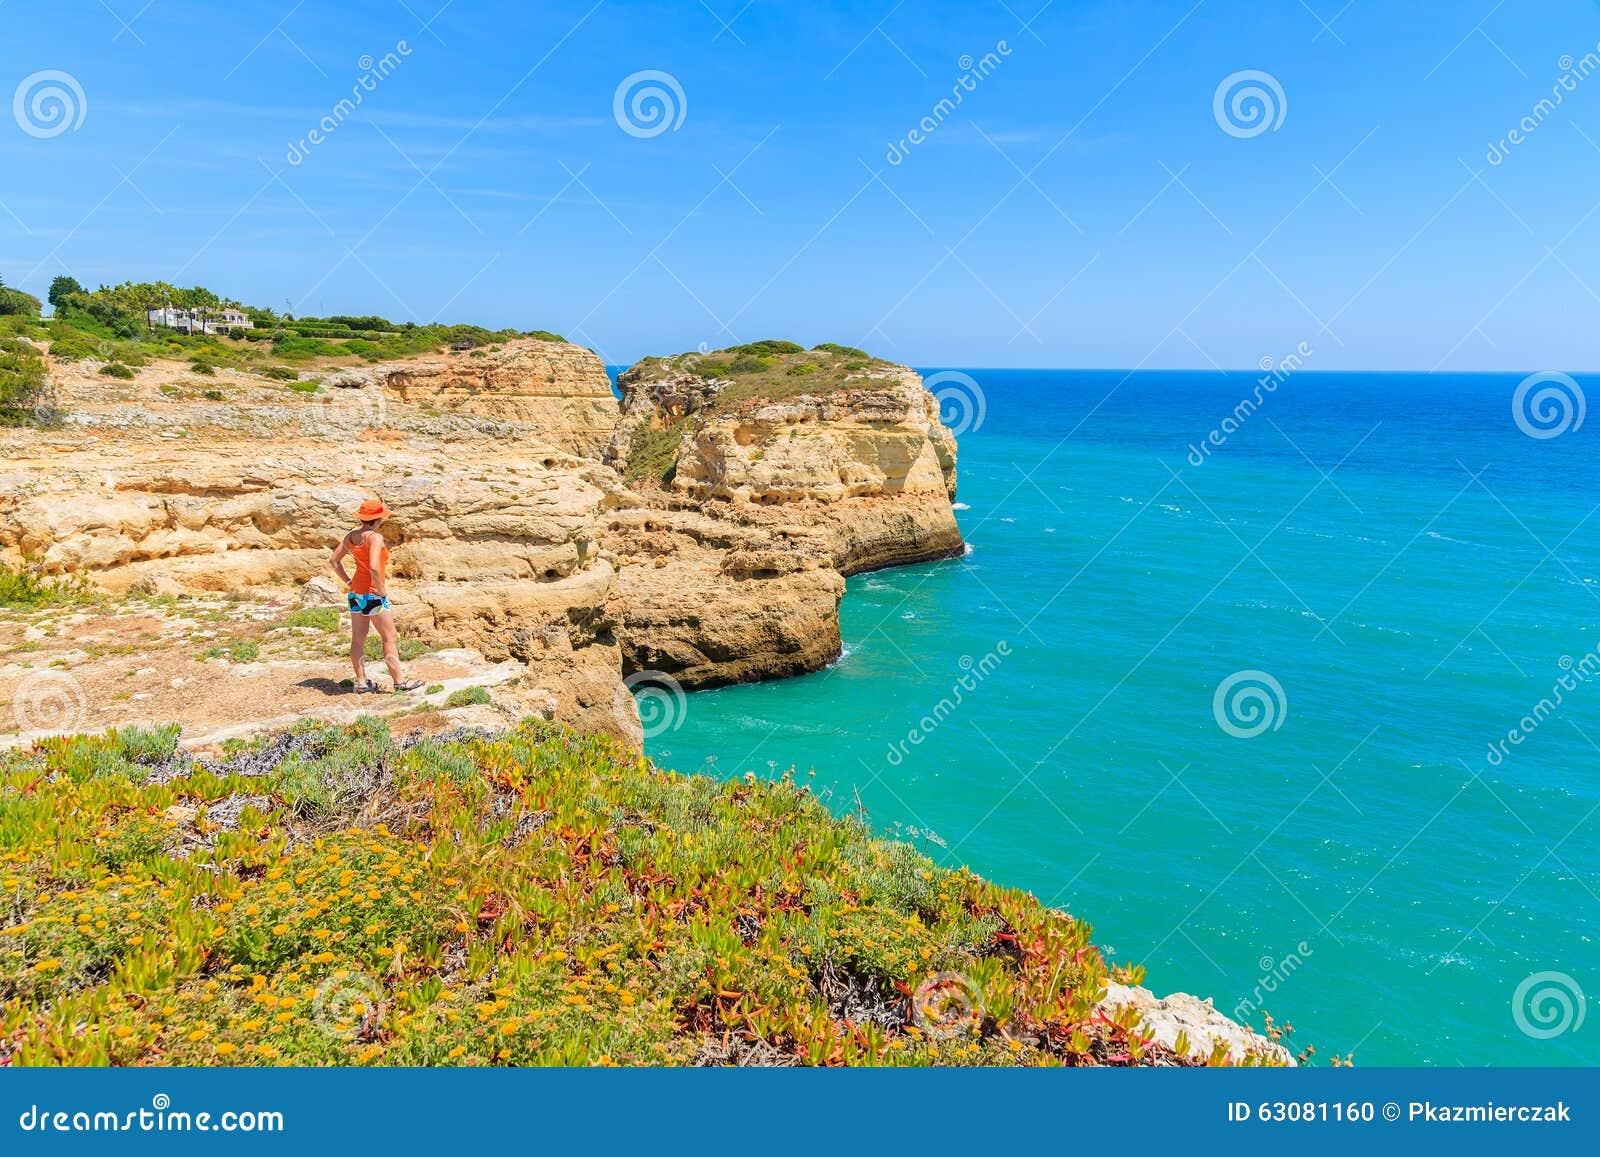 Download Position De Touristes De Jeune Femme Sur La Falaise Photo stock - Image du horizontal, océan: 63081160